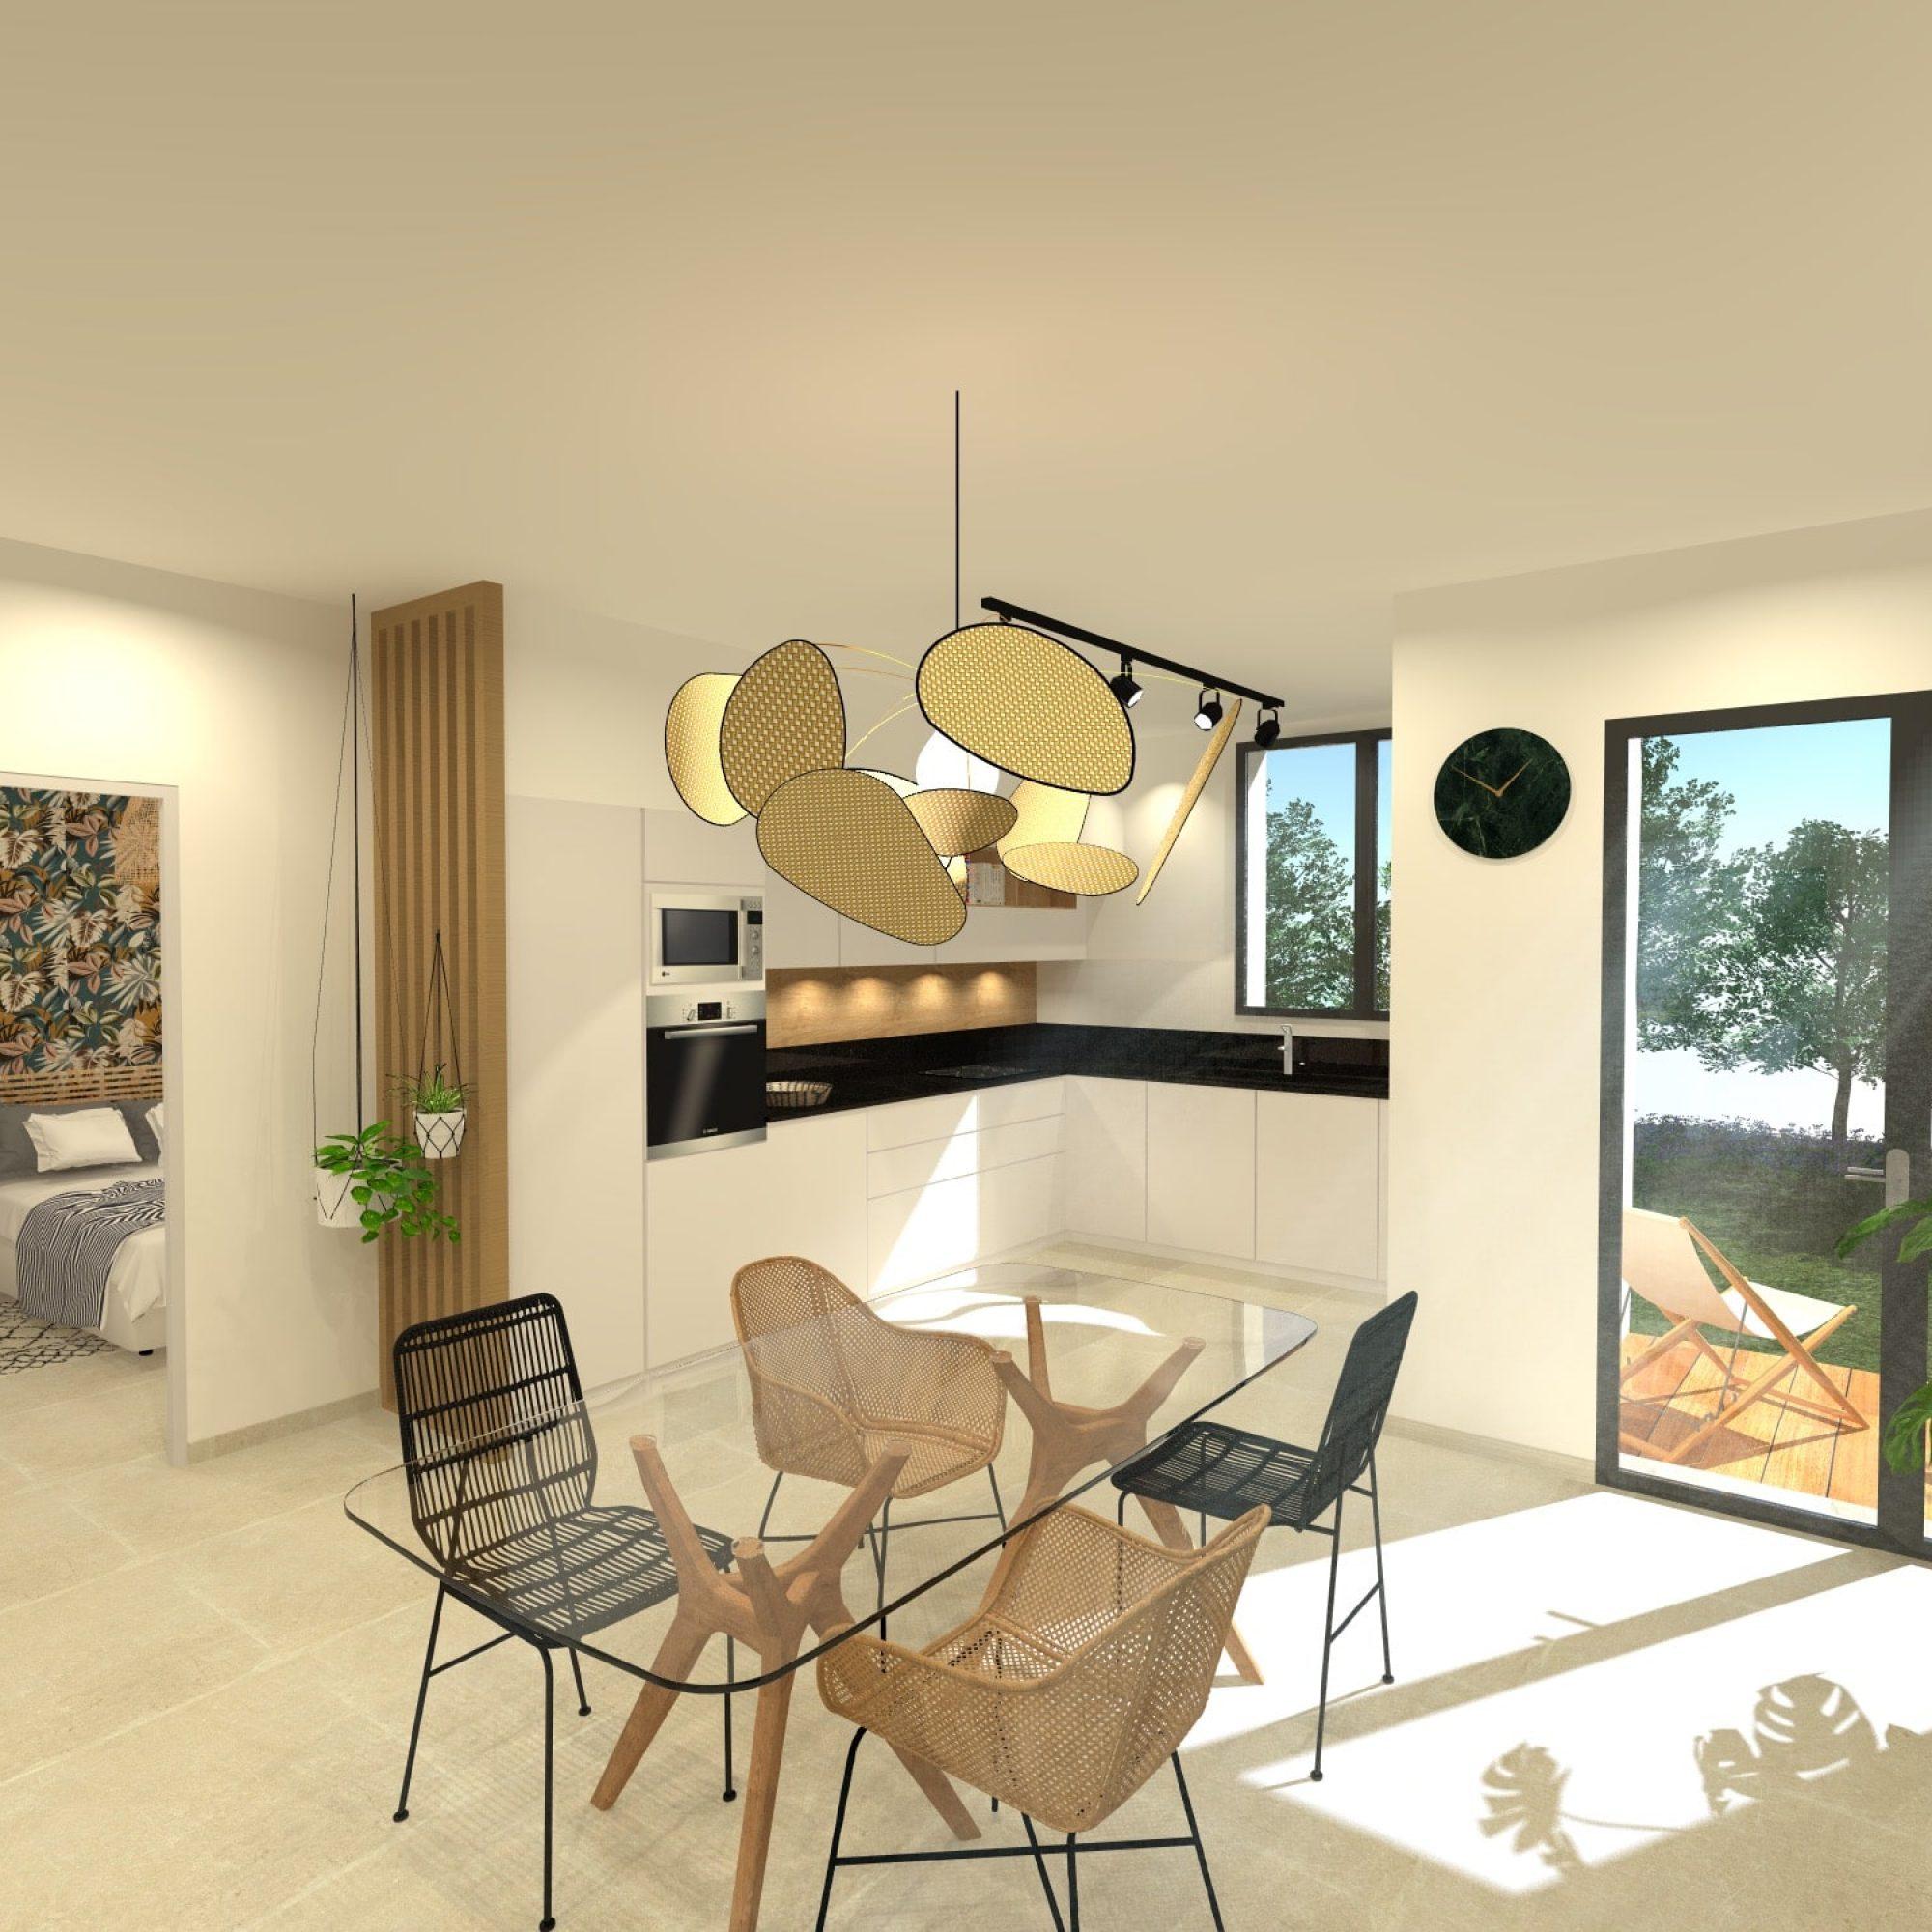 rénovation-travaux-architecte-mauguio-decoratateur-architectedinterieur-montpellier-cuisine-amenagement-ilot-chene-ameublement-surmesure-billard-herault-miele-travaux-construction-rochebobois-flos